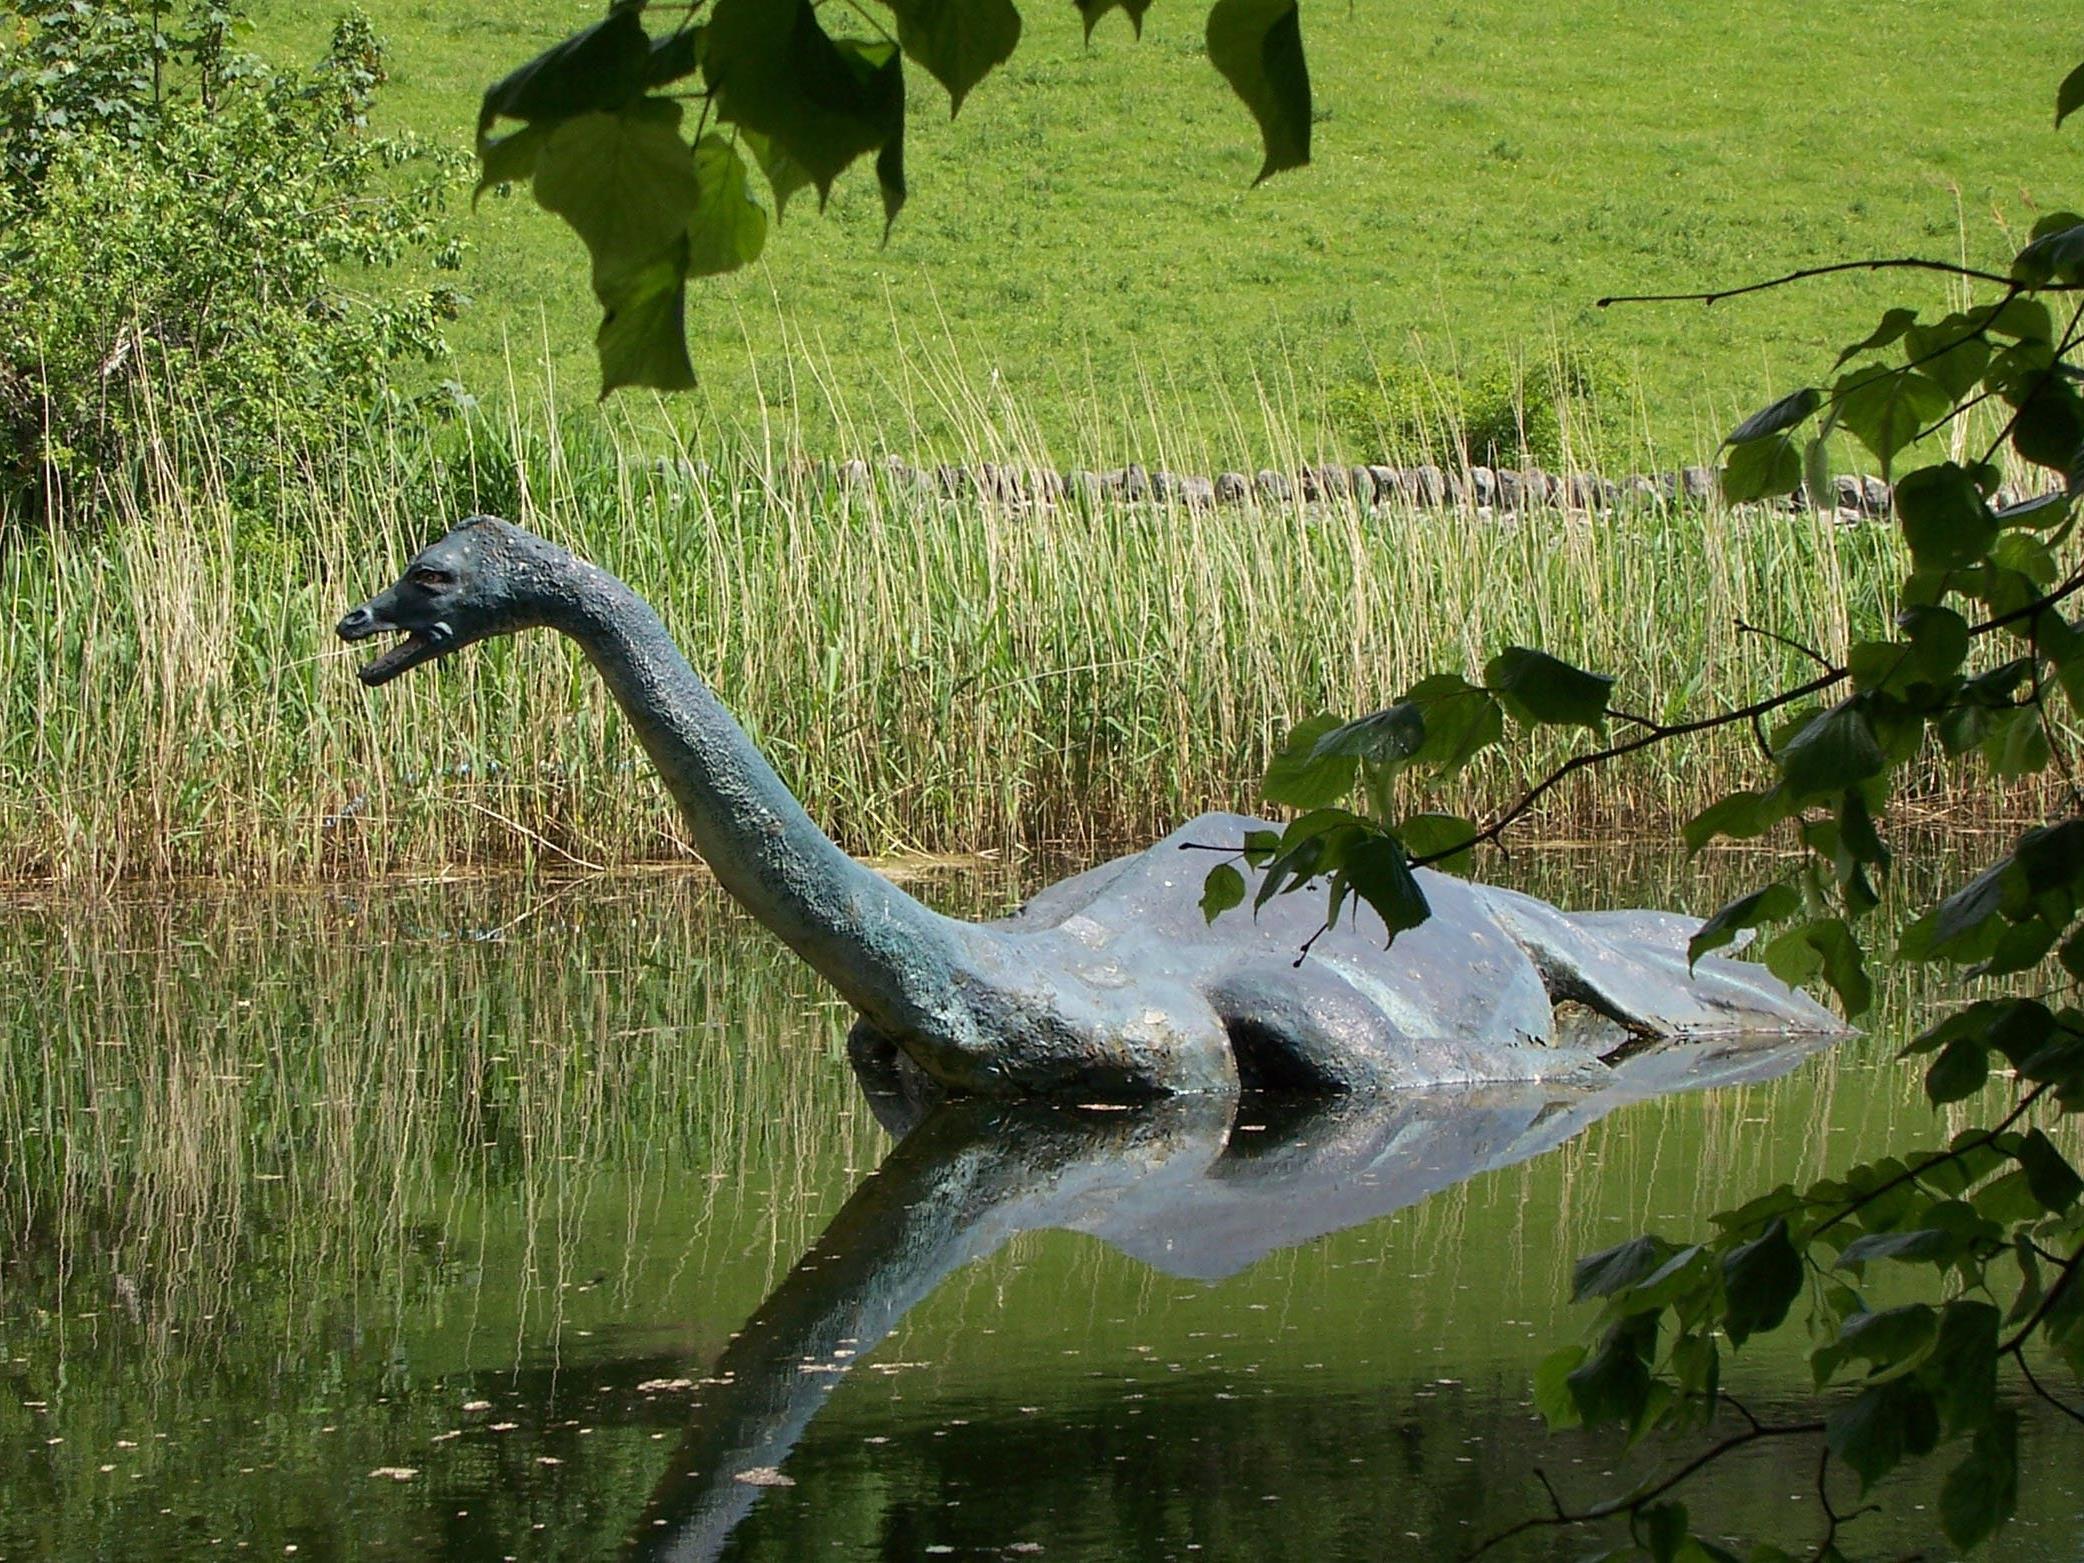 """Der Mythos rund um """"Nessie"""" lebt weiter."""